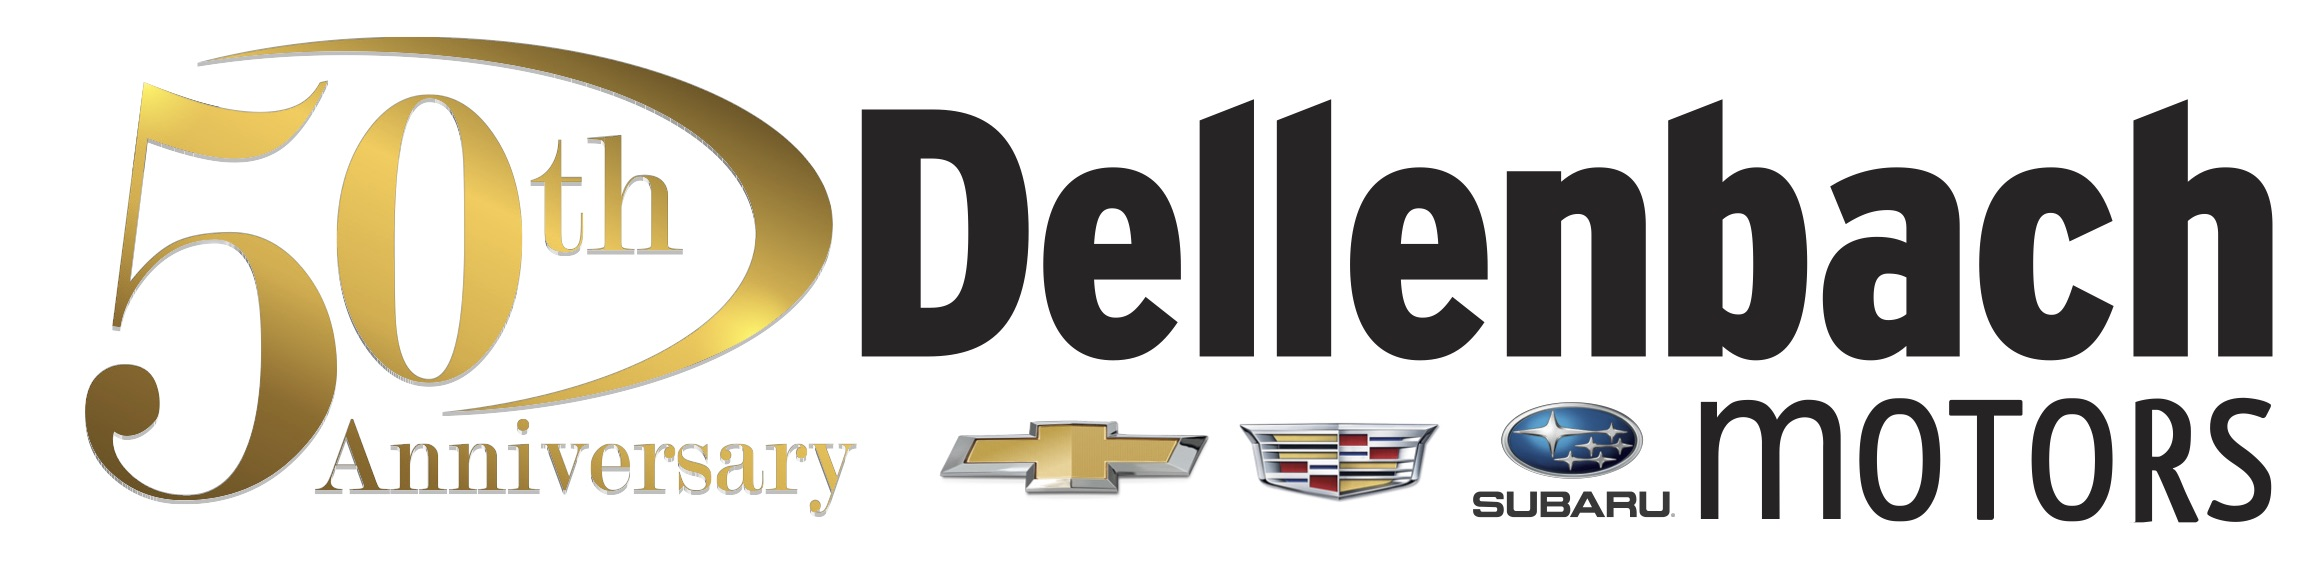 Dellenbach_50th_Anniversary_Logo_Gold